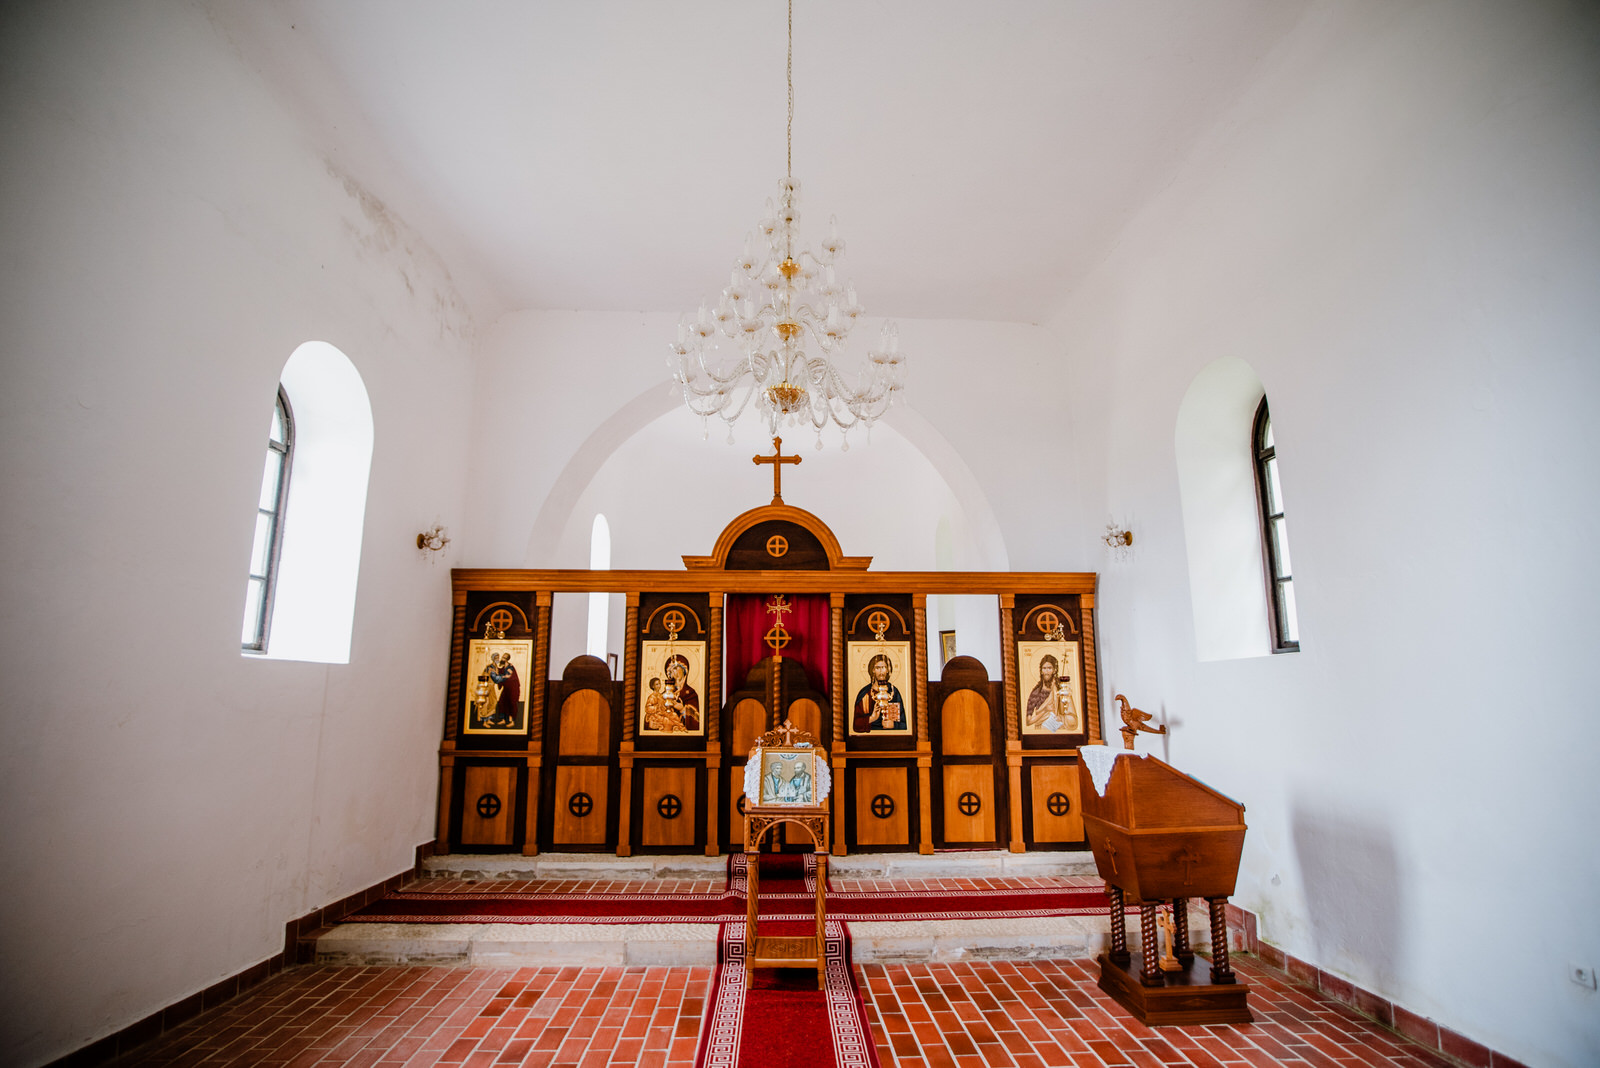 likaclub_smiljan_crkva-nikola-tesla_2019-3